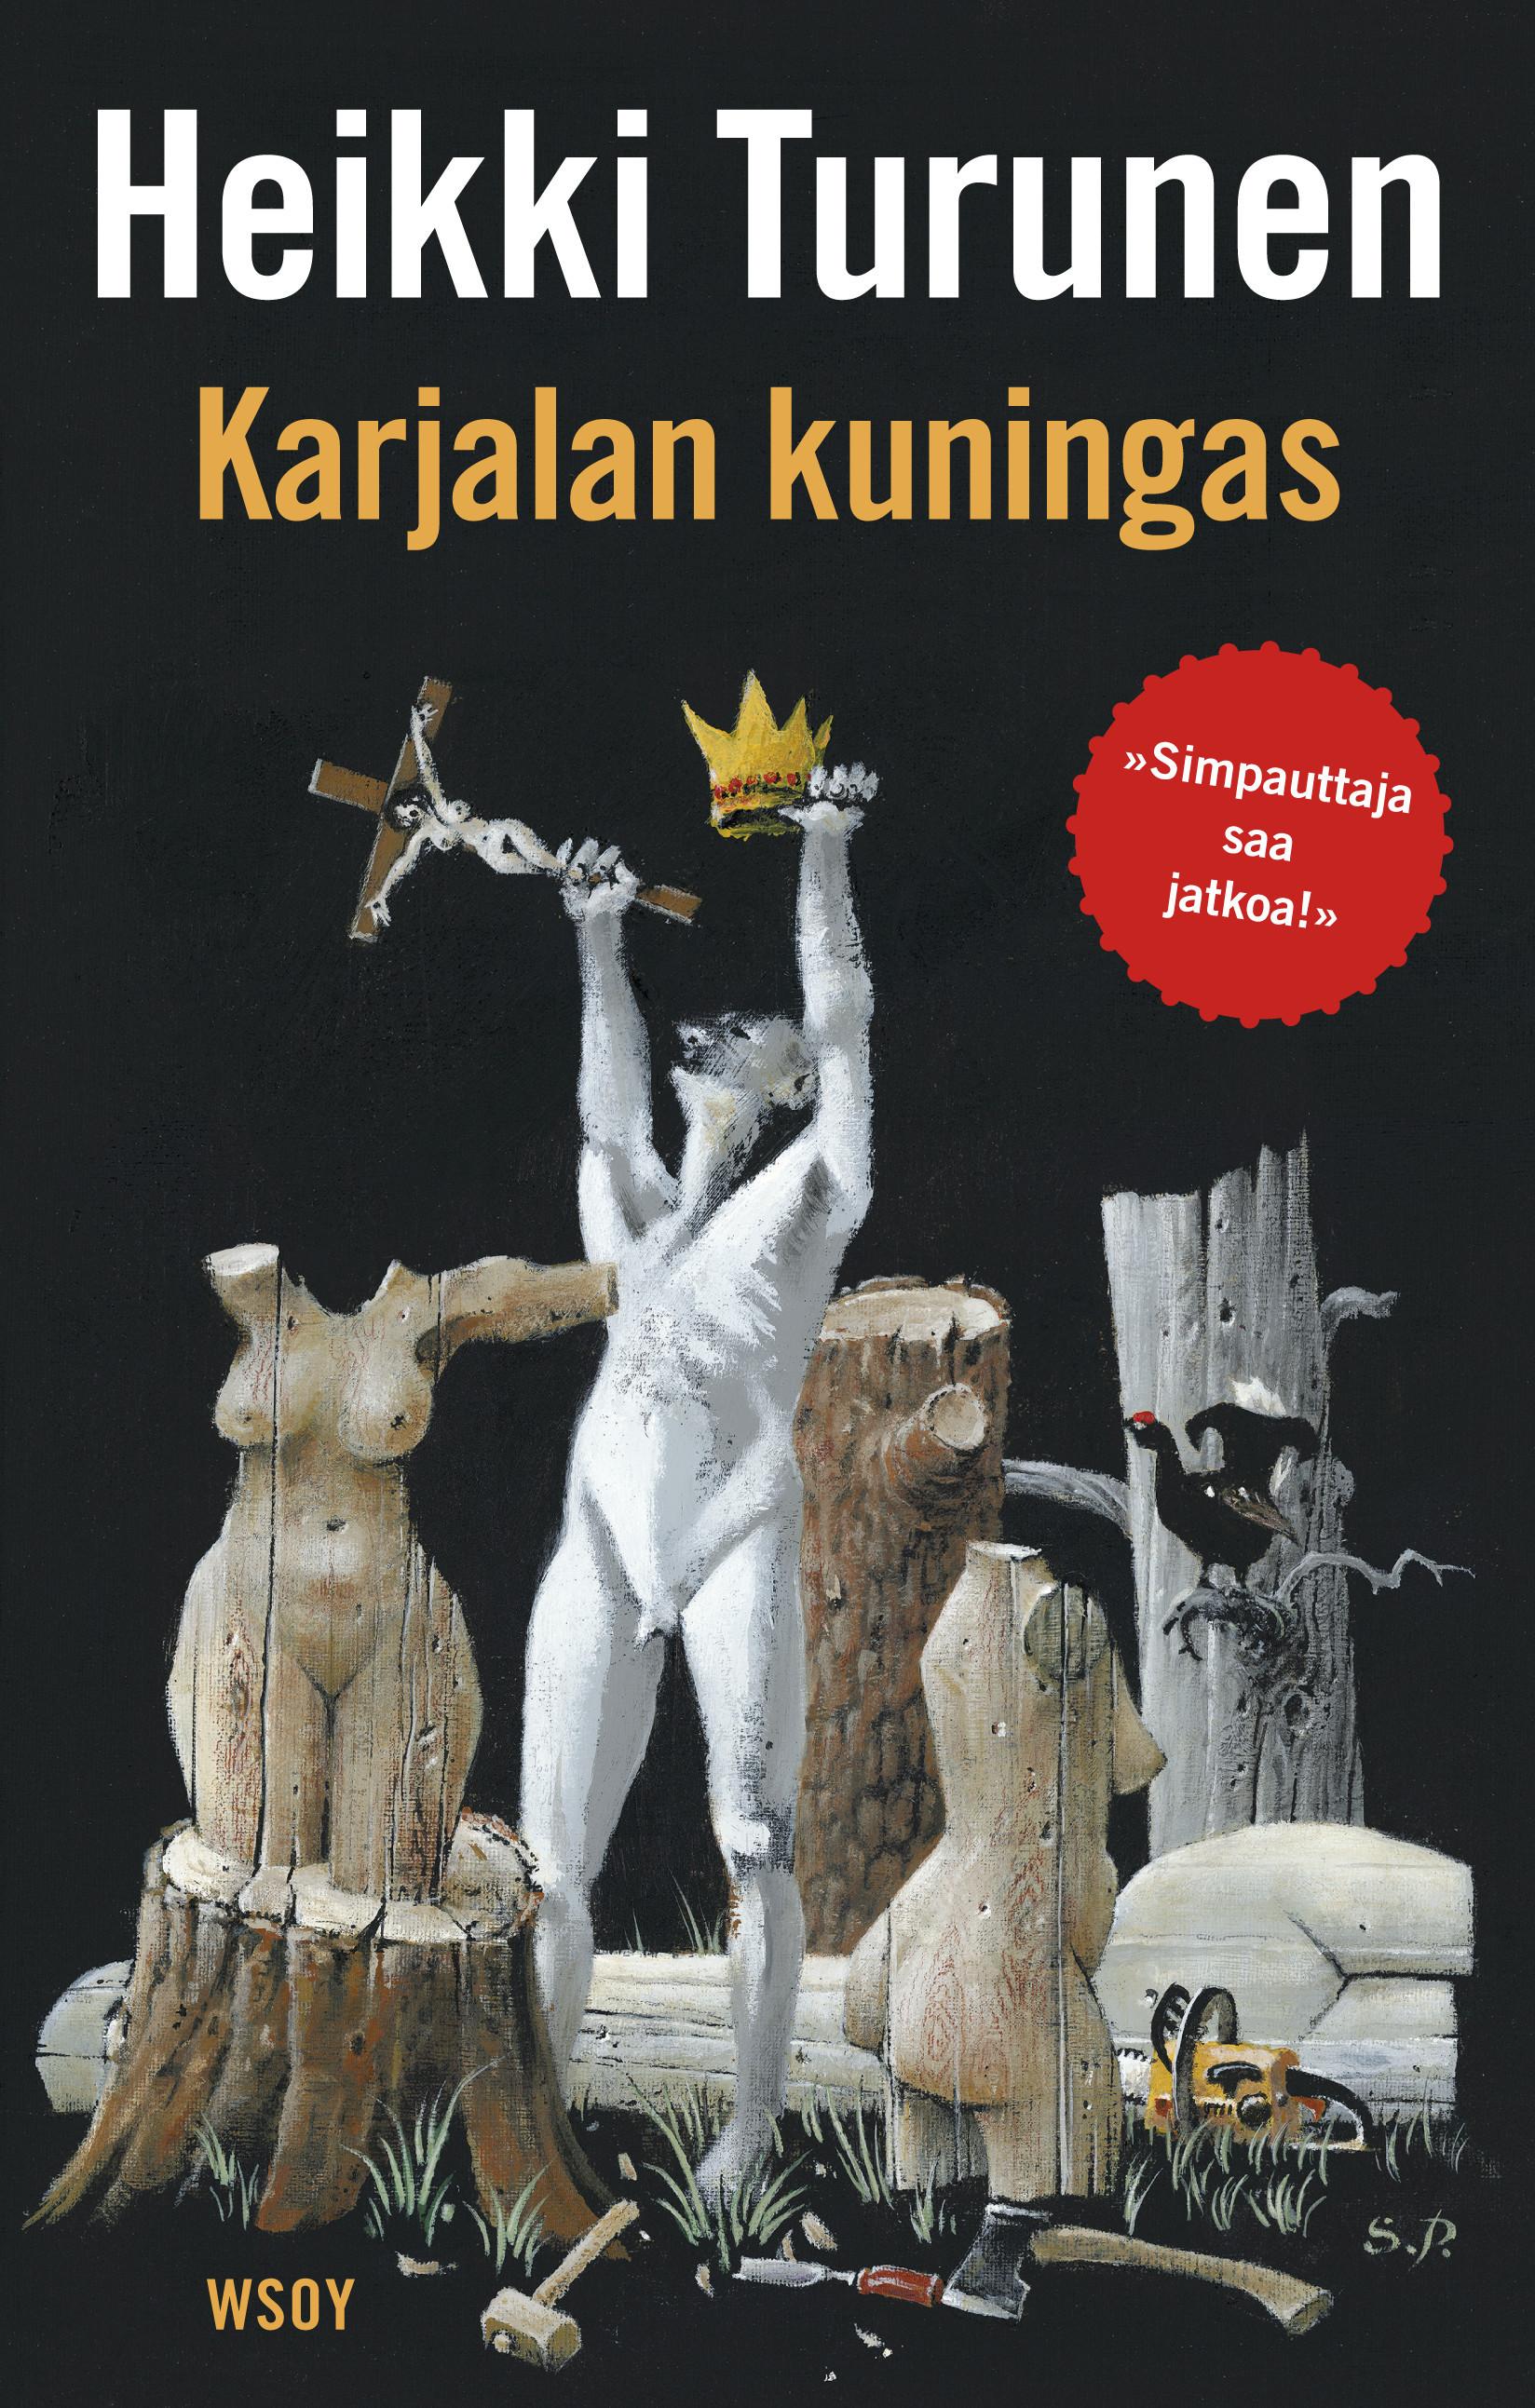 Turunen, Heikki - Karjalan kuningas, e-kirja